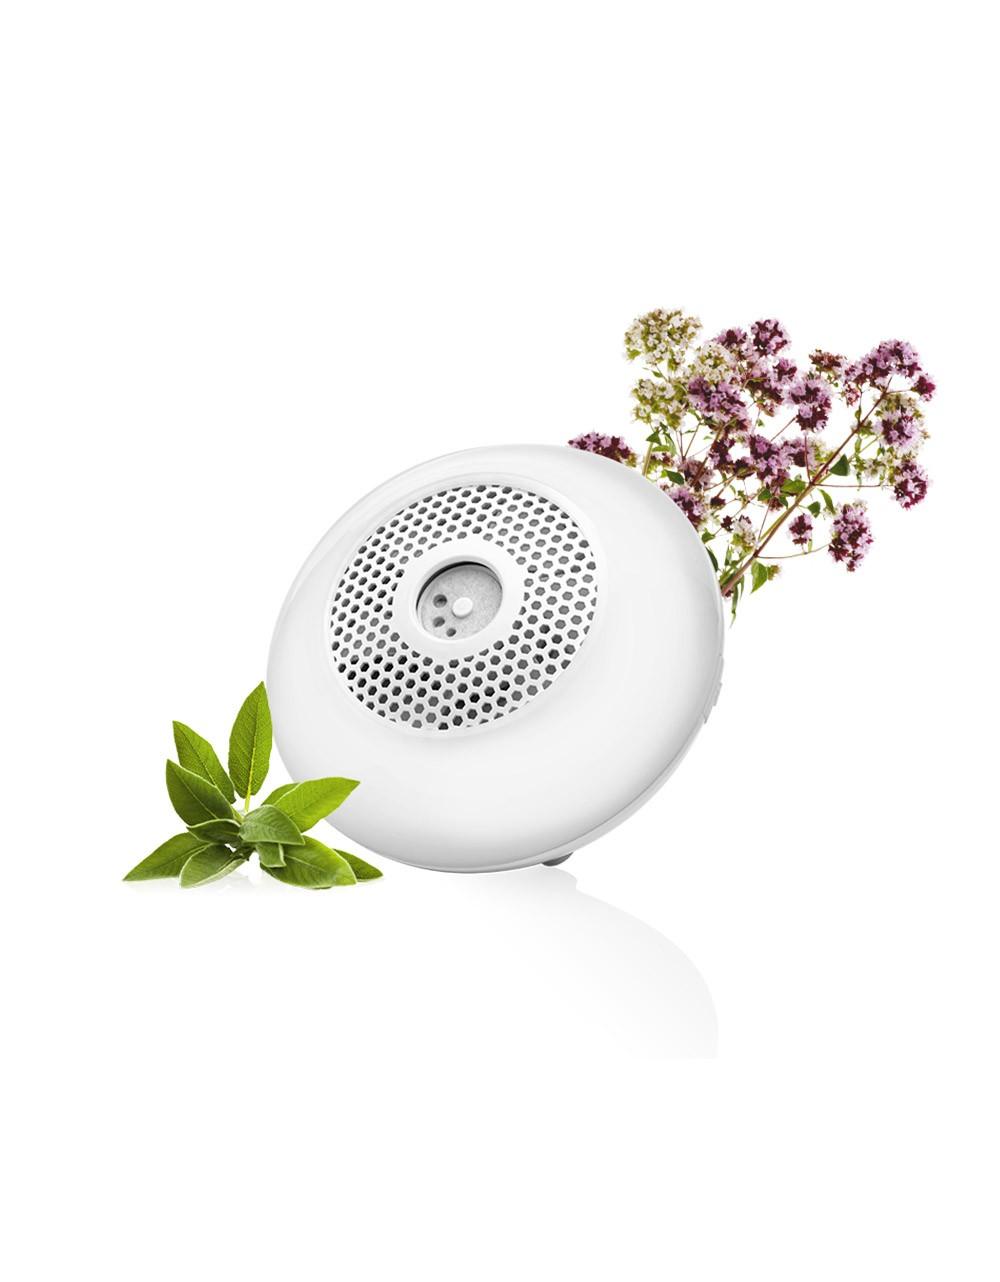 Difusor de aceites esenciales nómada USB por ventilación para aromaterapia